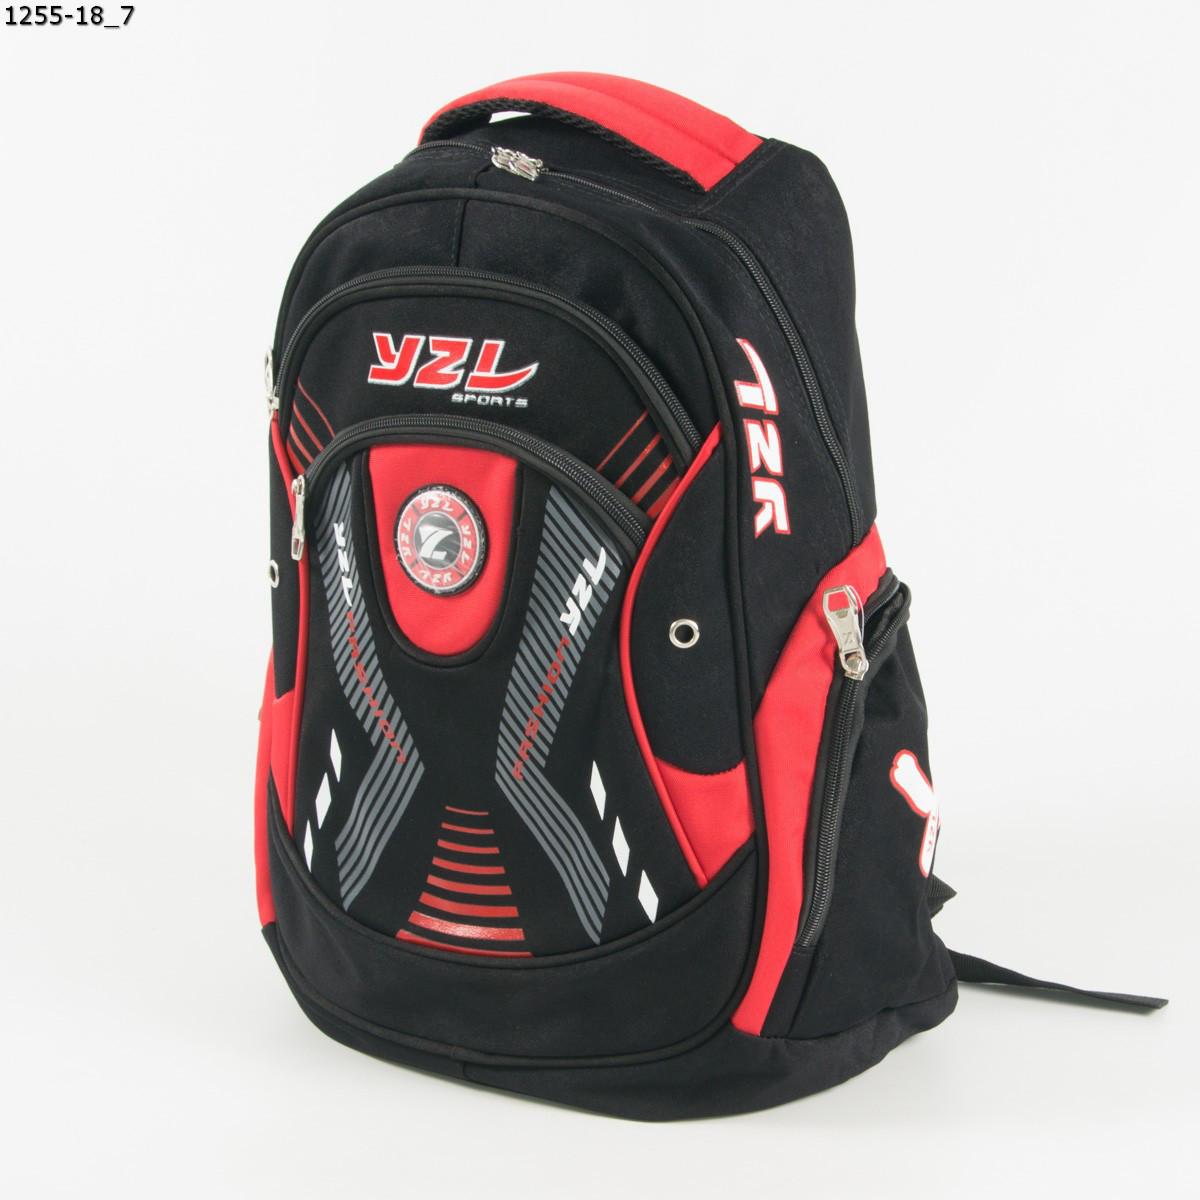 Оптом спортивный рюкзак YZL - черный с красным - 1255-18